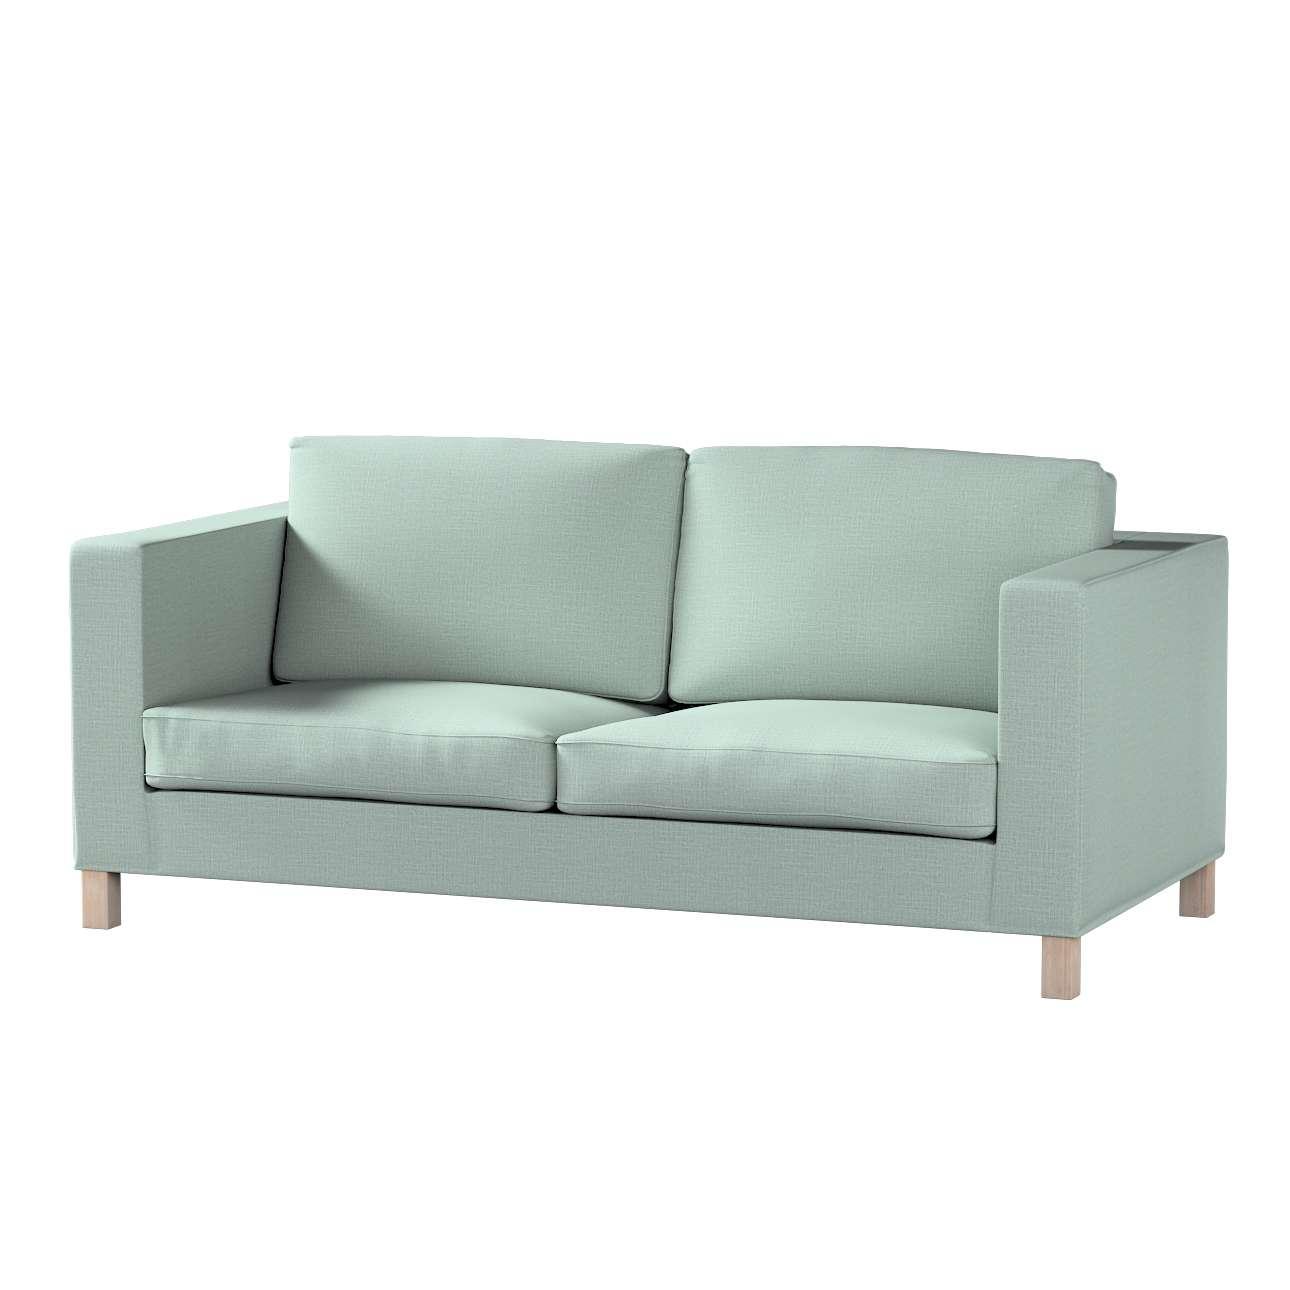 Pokrowiec na sofę Karlanda rozkładaną, krótki w kolekcji Living II, tkanina: 160-86